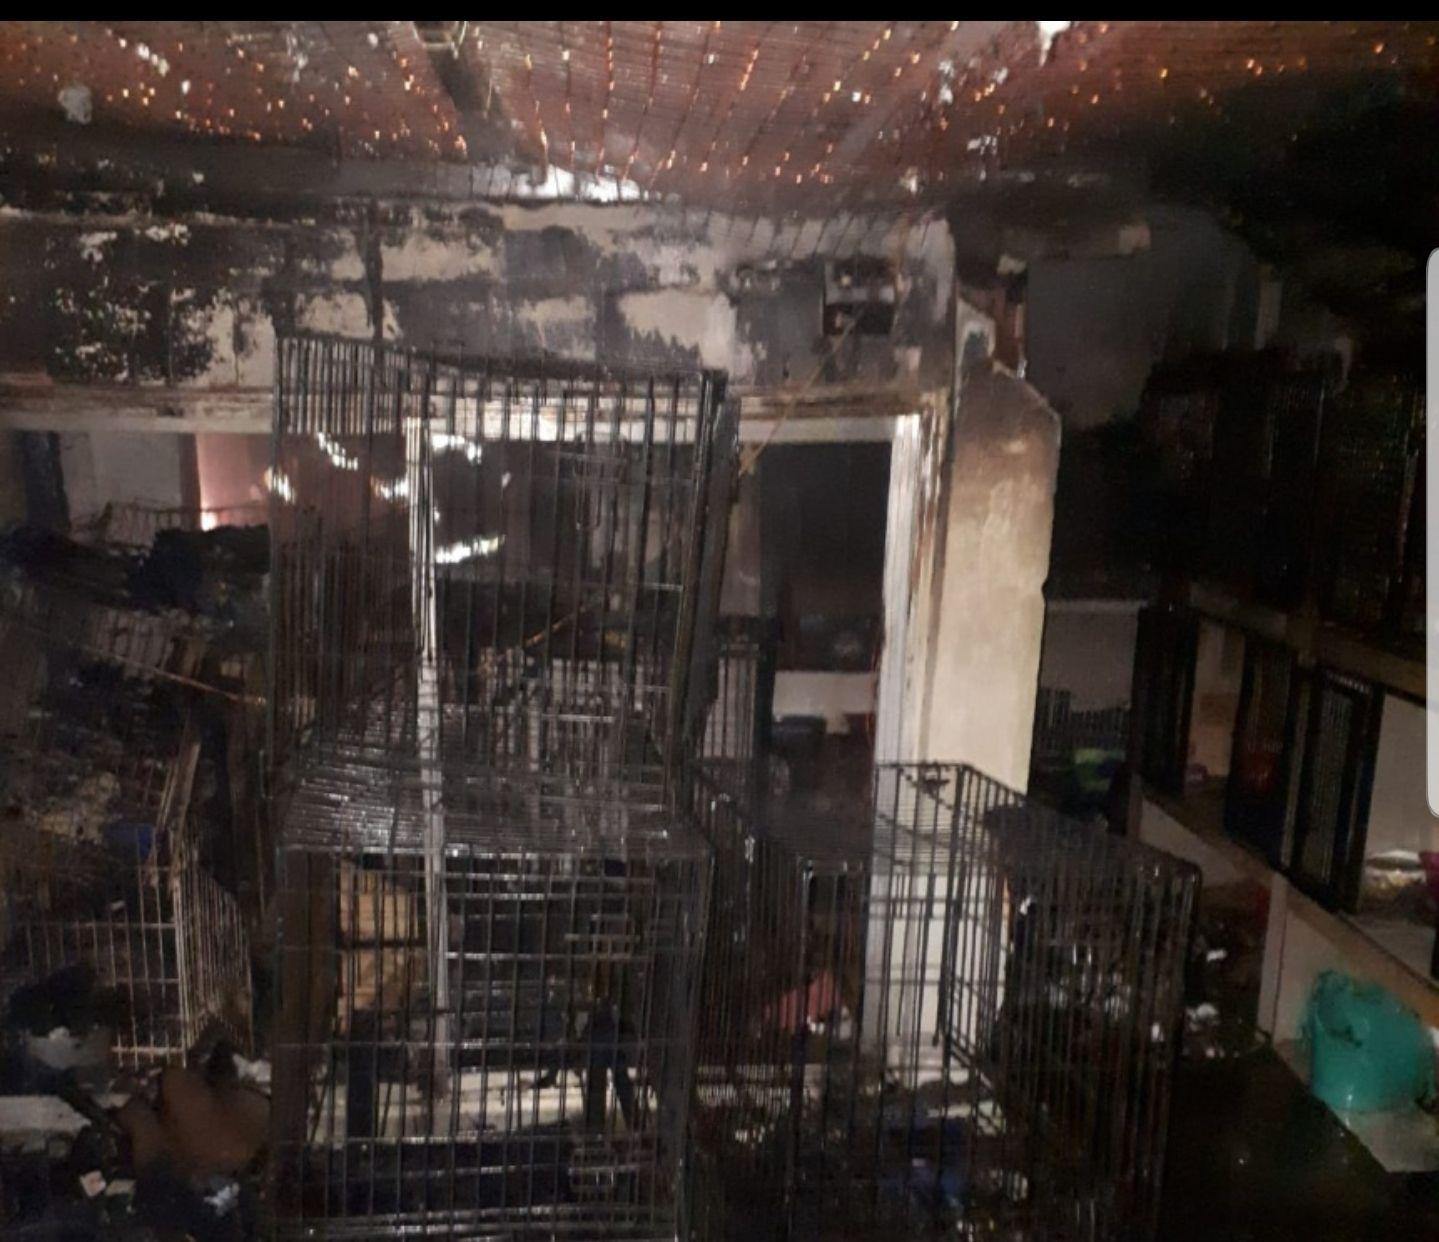 El refugio de animales en Quilmes que sufrió un incendio en el cual murieron muchos gatos (foto diario Perspectiva Sur)